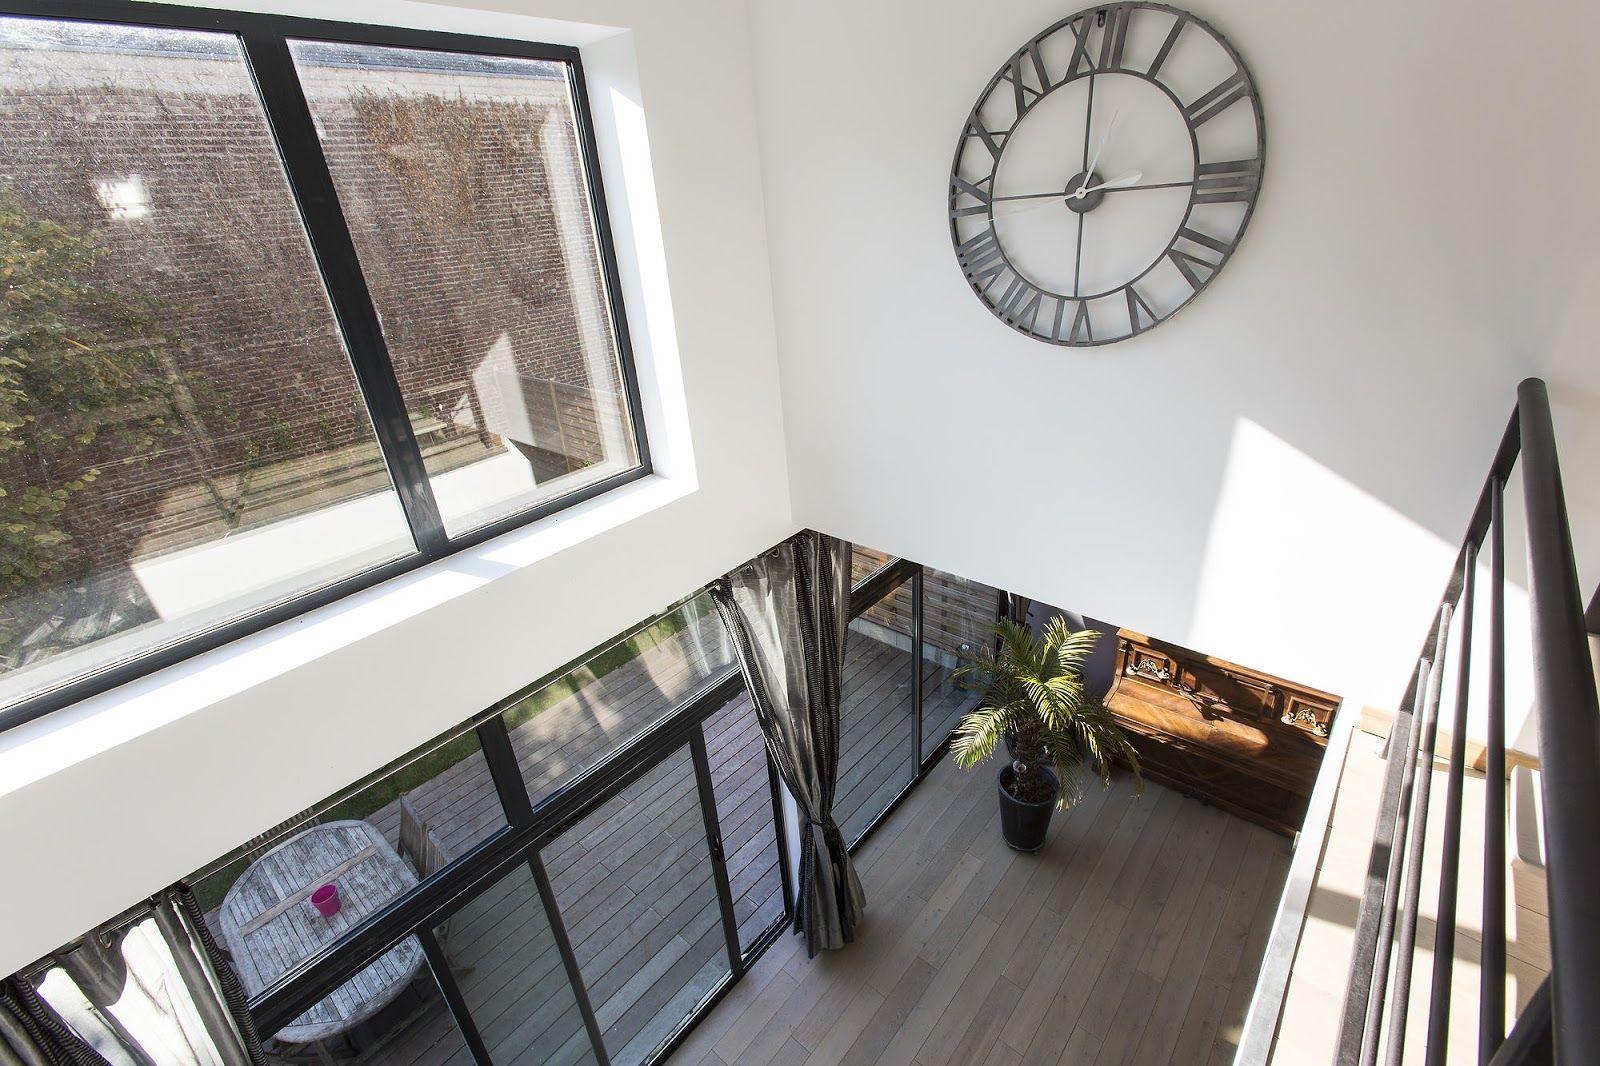 pingl par mhirsihatem sur Ideas for the House en 2019  Pinterest  Extension bois Salon